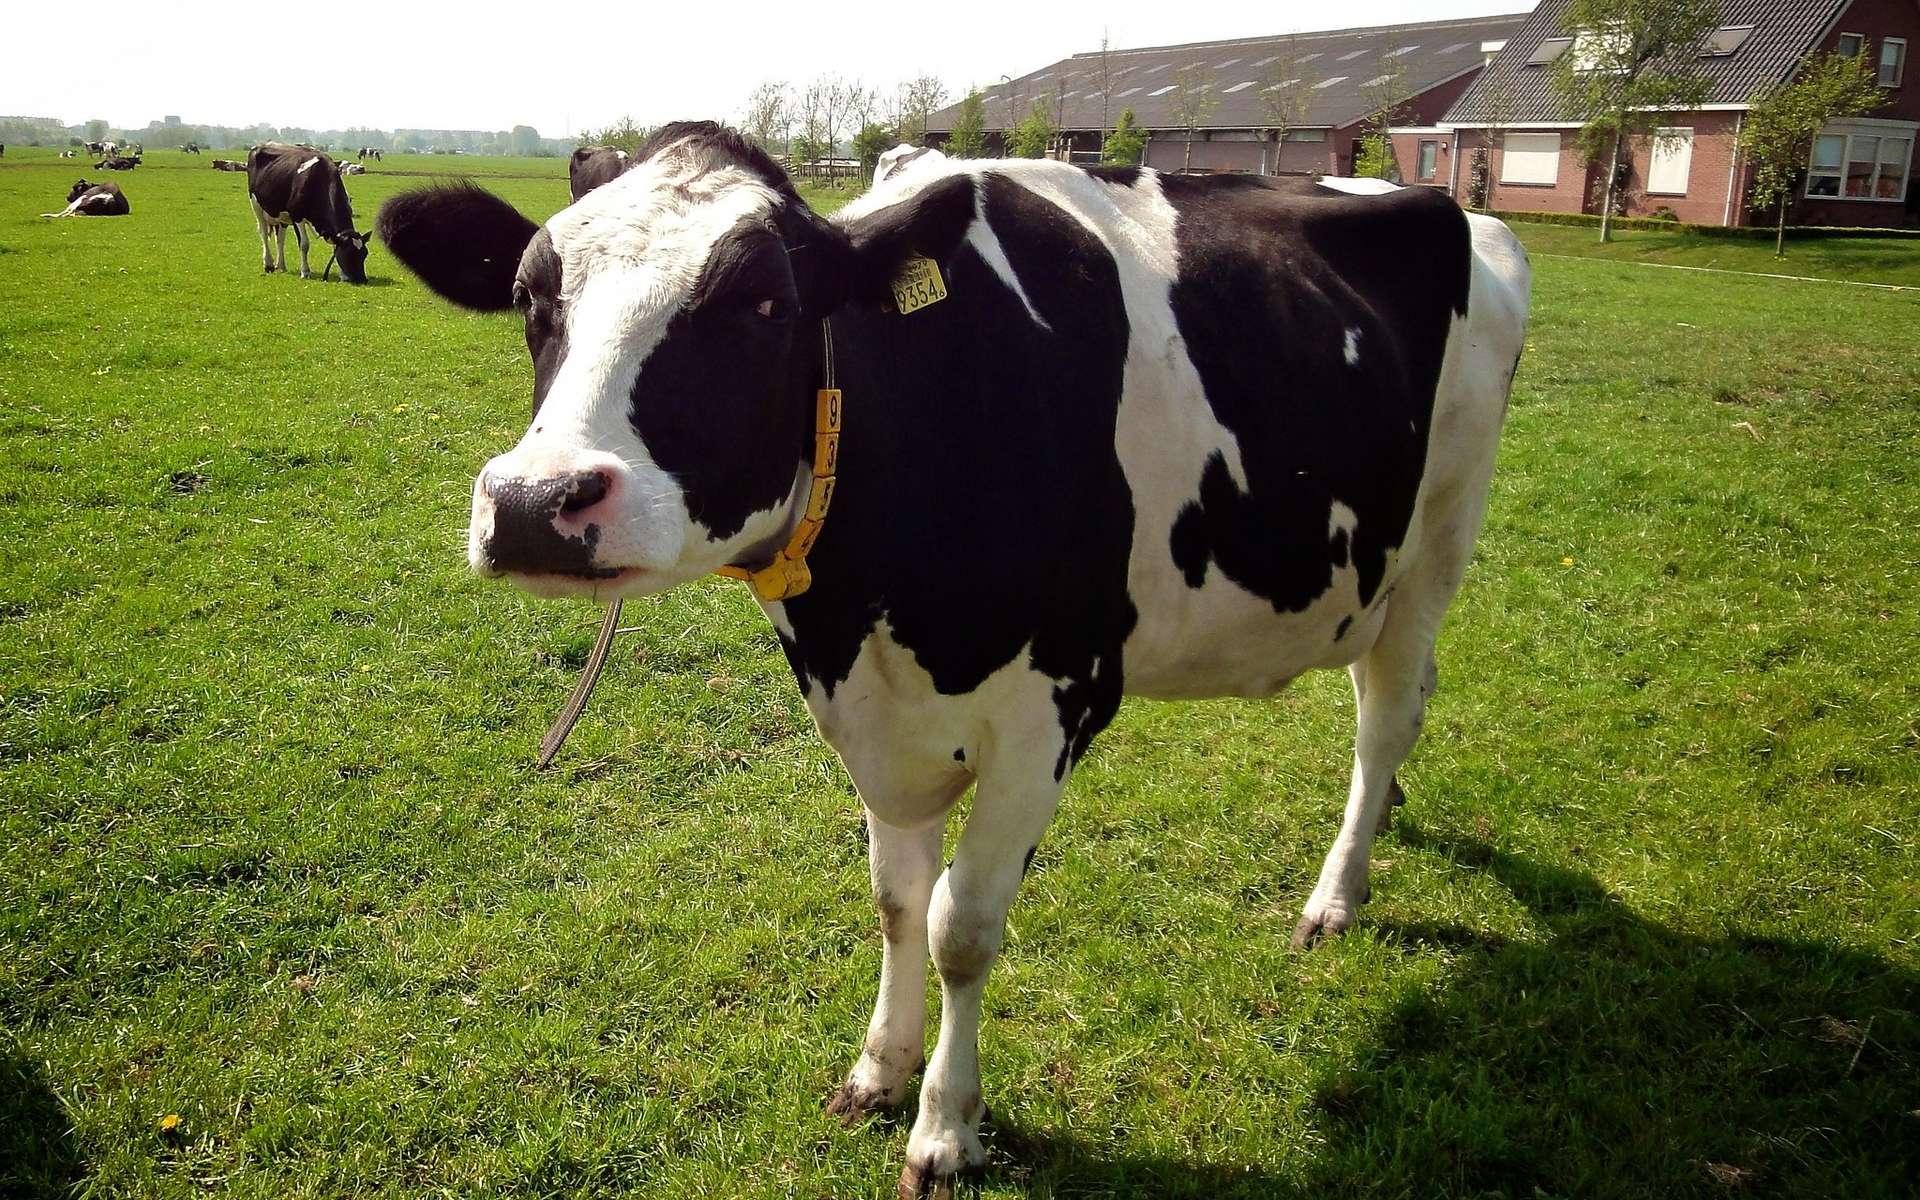 Les vaches laitières de race Holstein ont des taches noires qui absorbent le chaleur. © E. Dronkert, Flickr